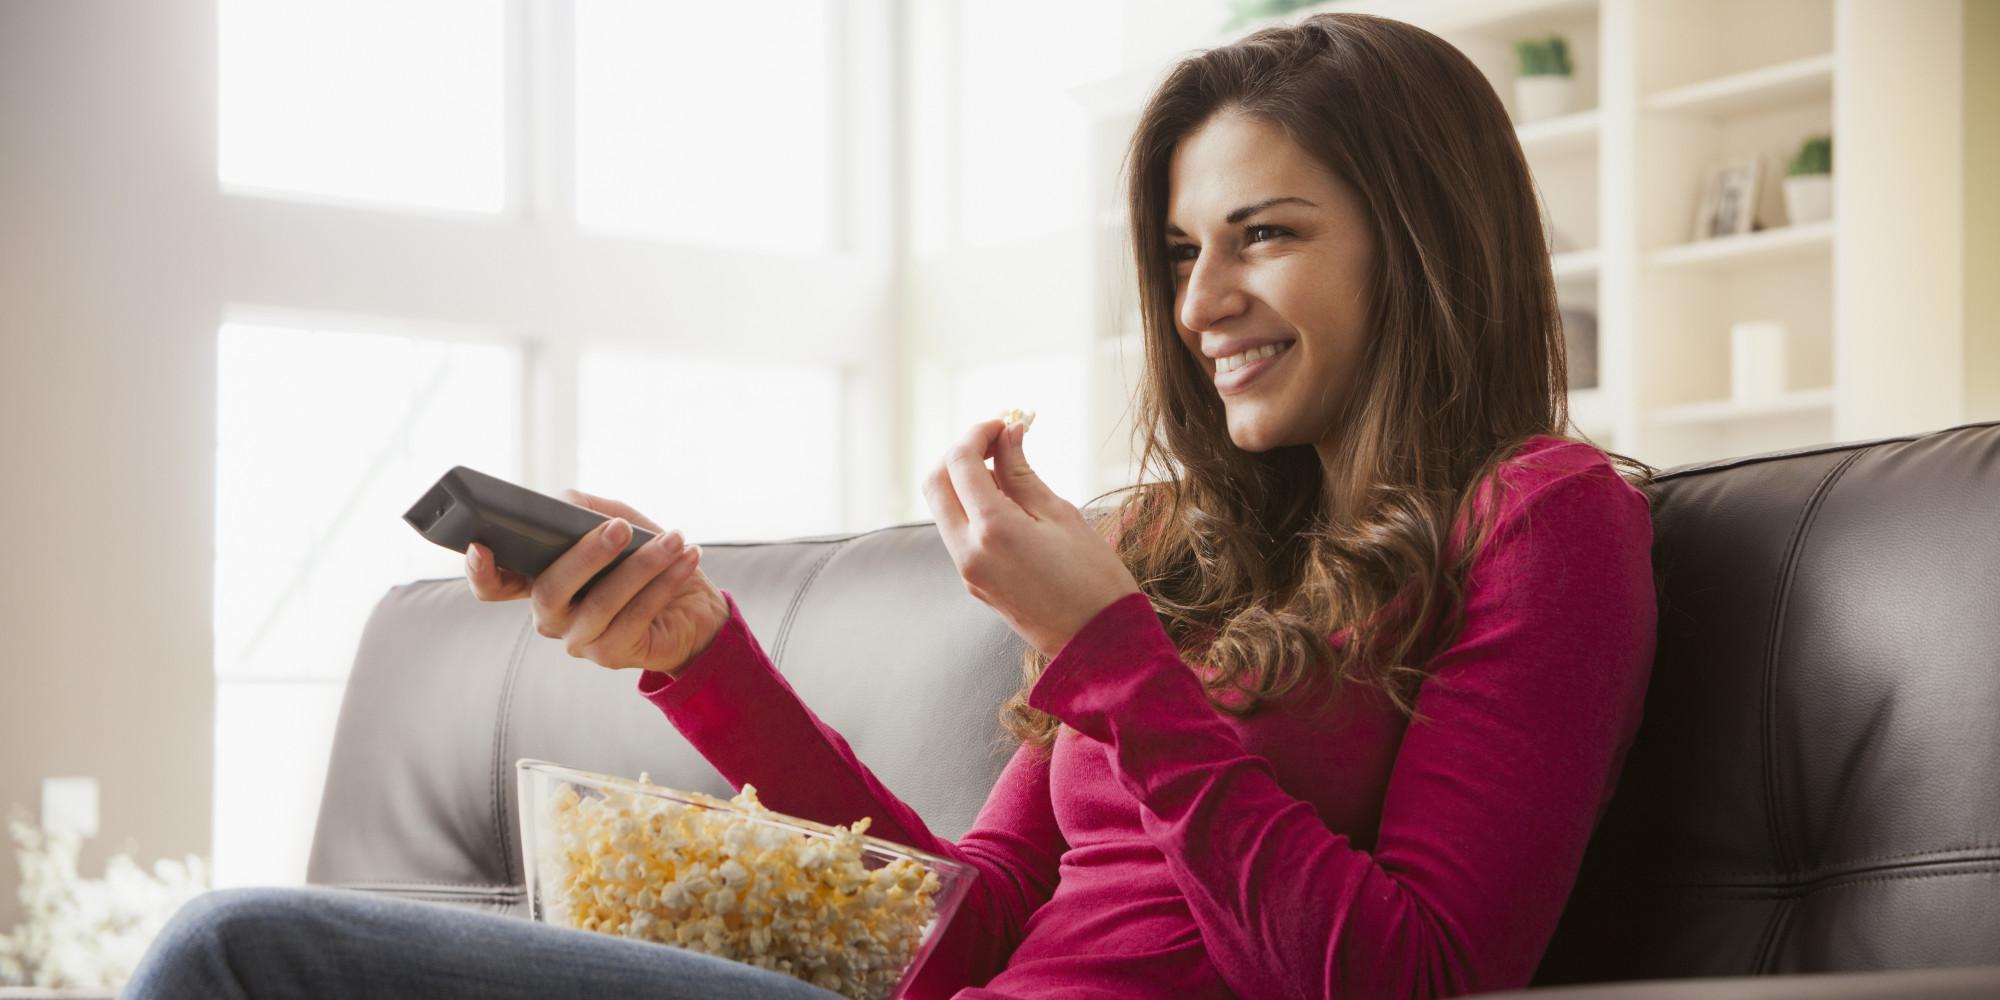 Bagi Konsentrasimu Dengan Mengunyah Makanan Saat Nonton Film Horor